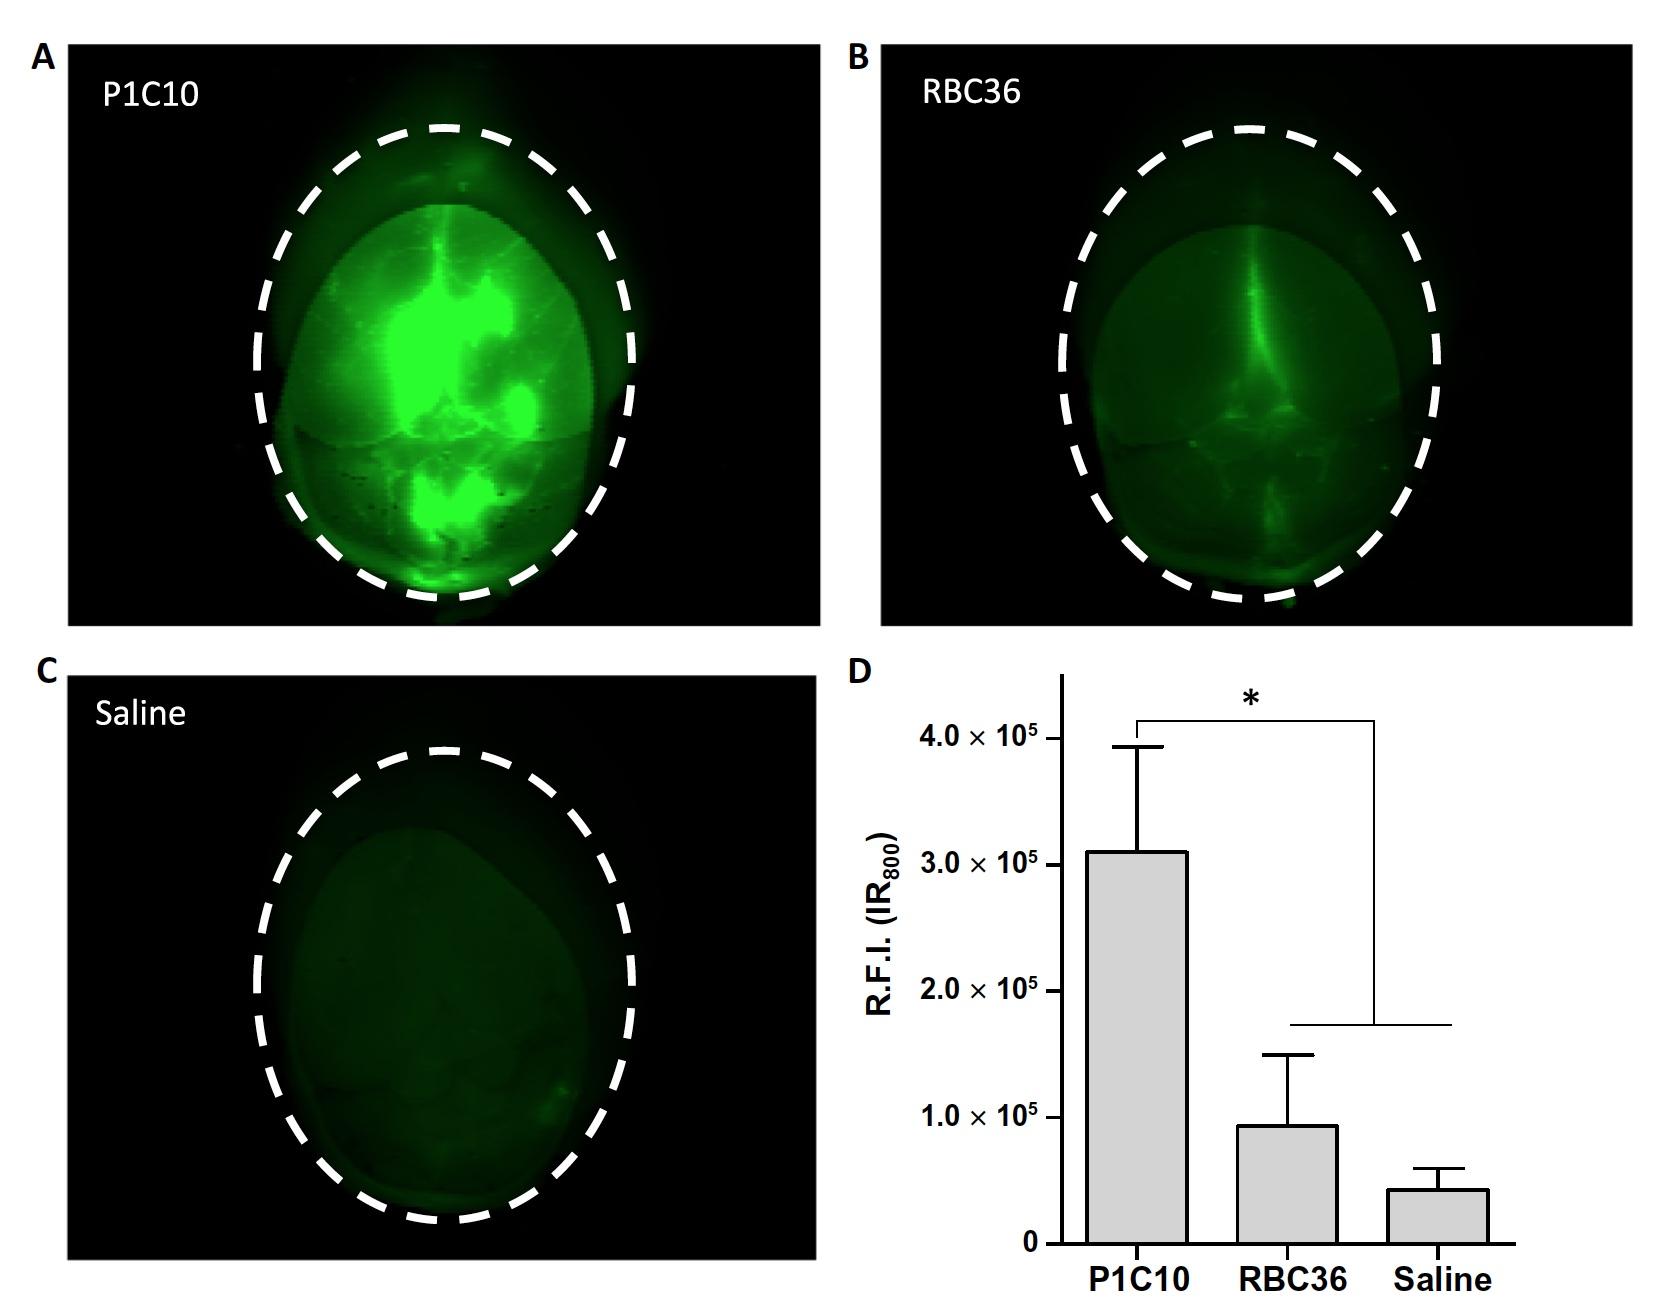 Вред во благо: иммунная система миноги в борьбе с раком головного мозга человека - 7